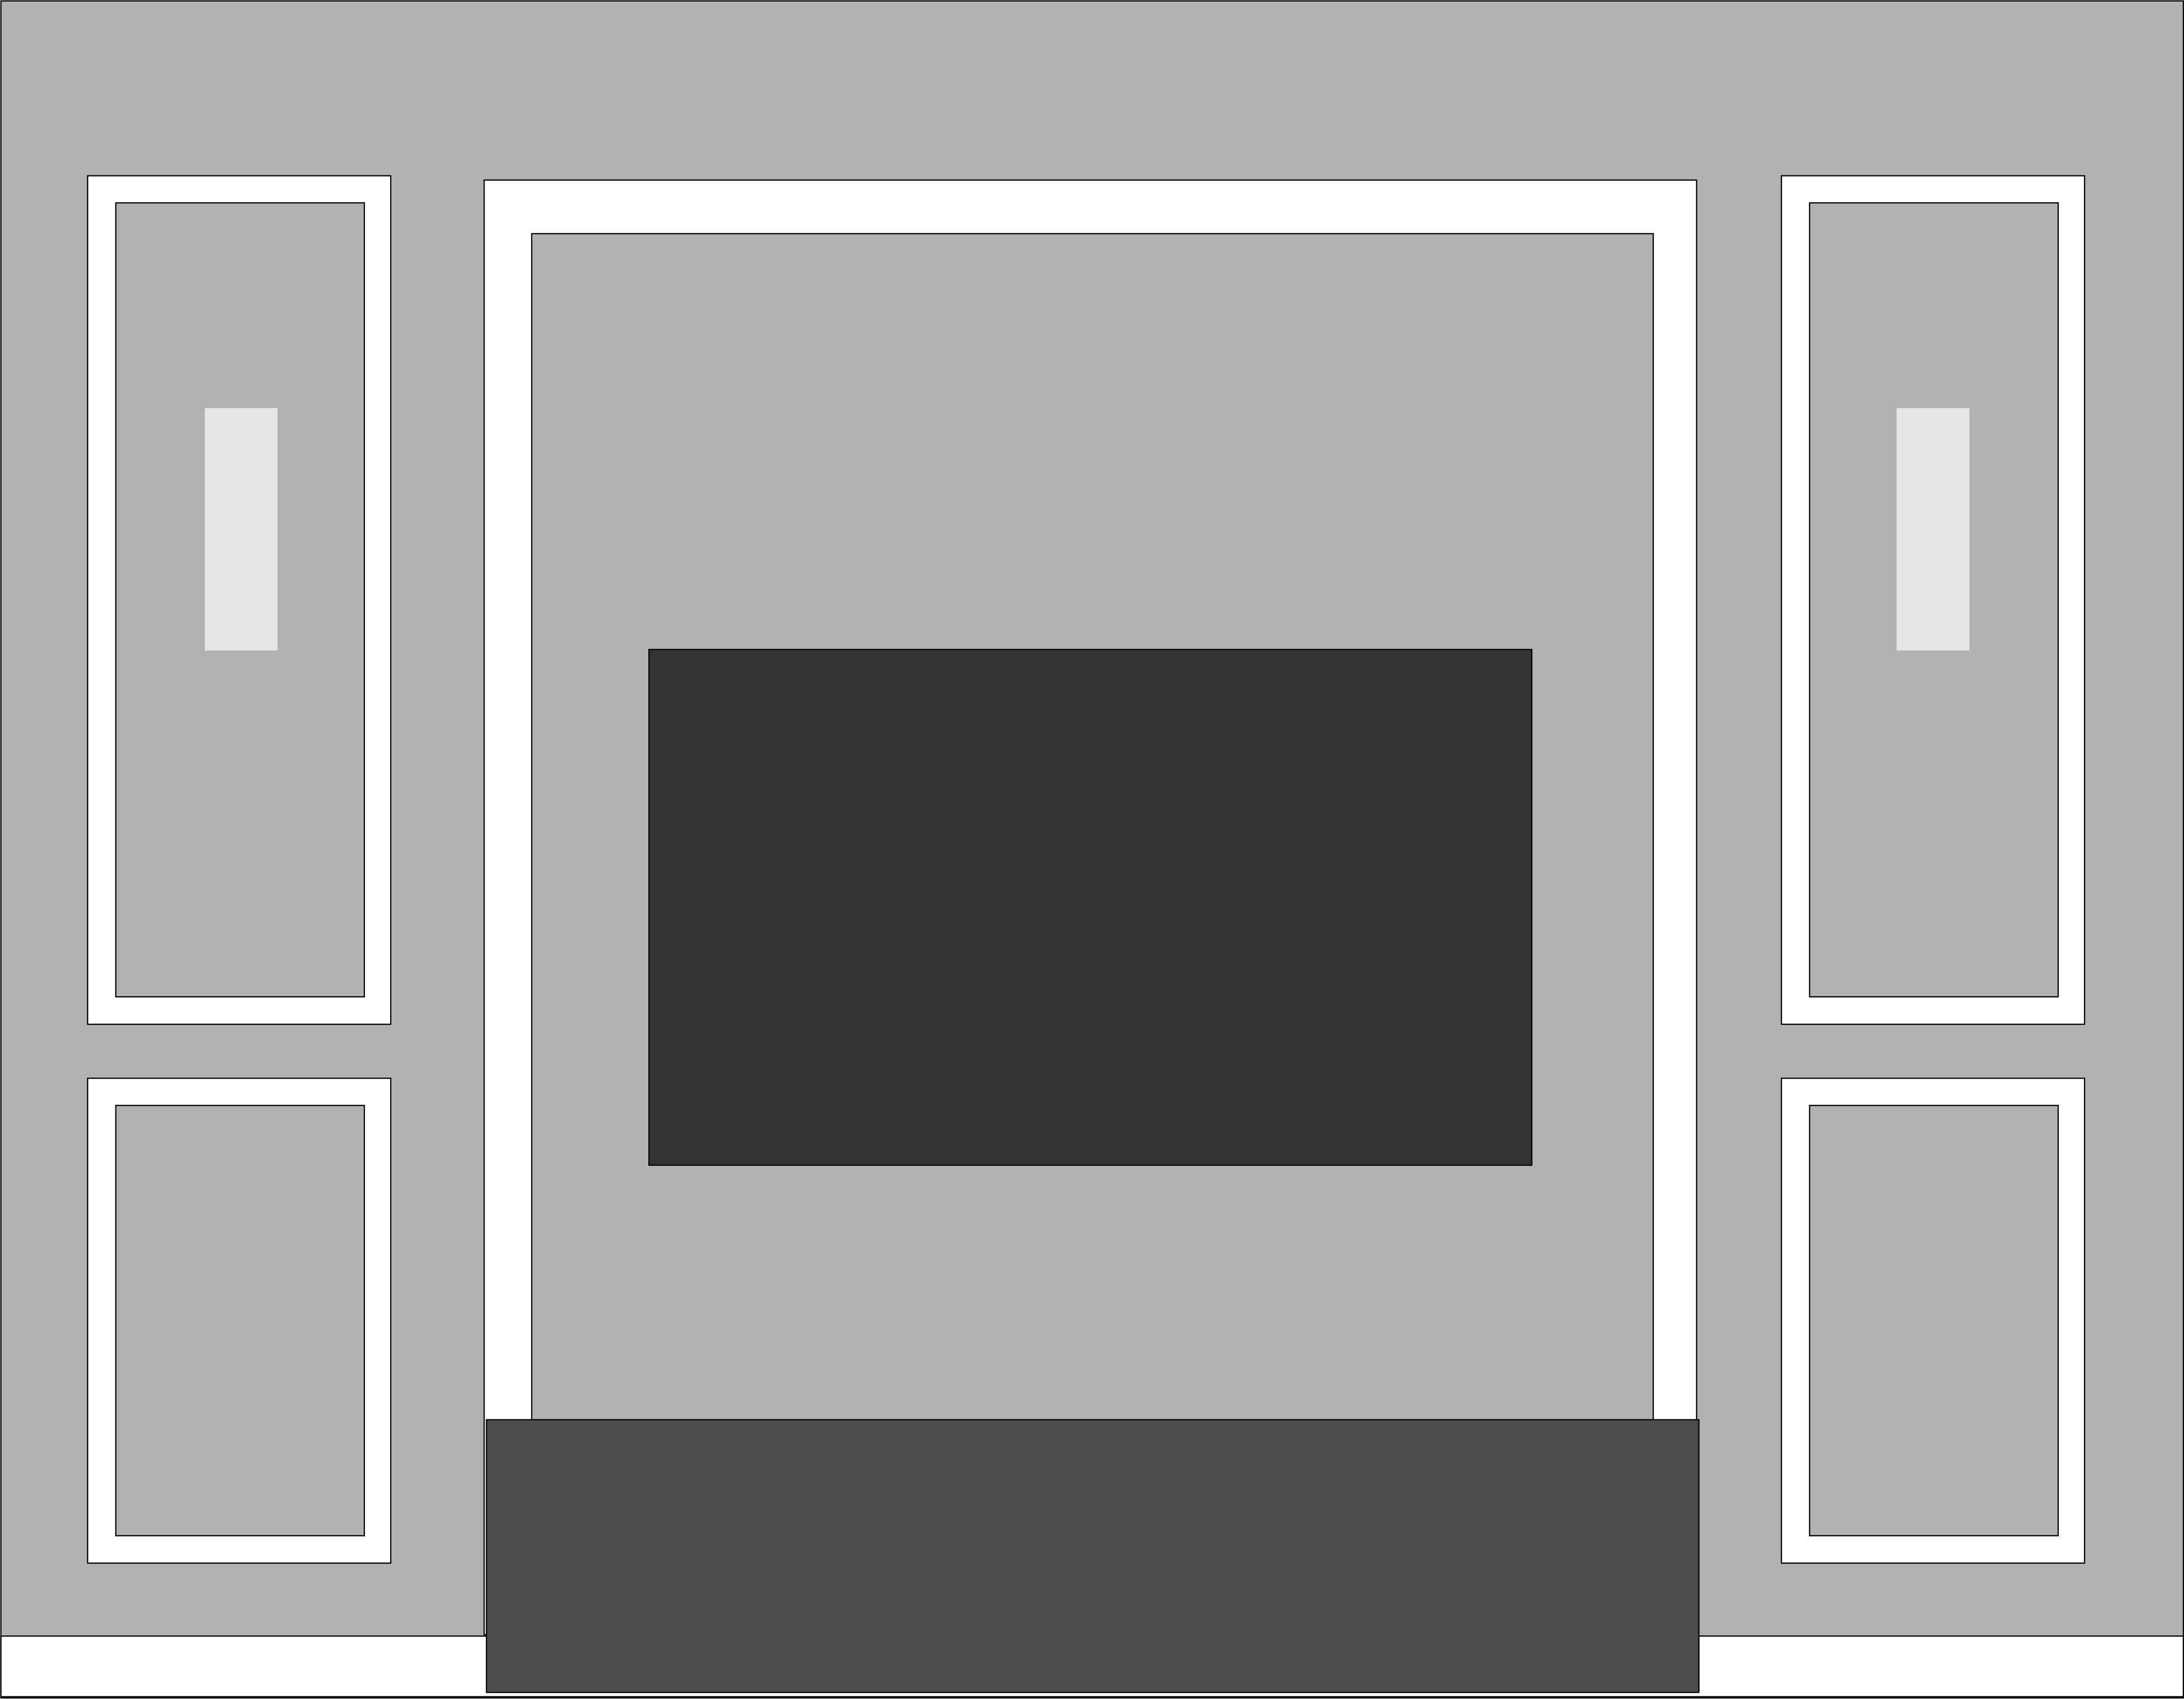 電視墻設計方案2.jpg